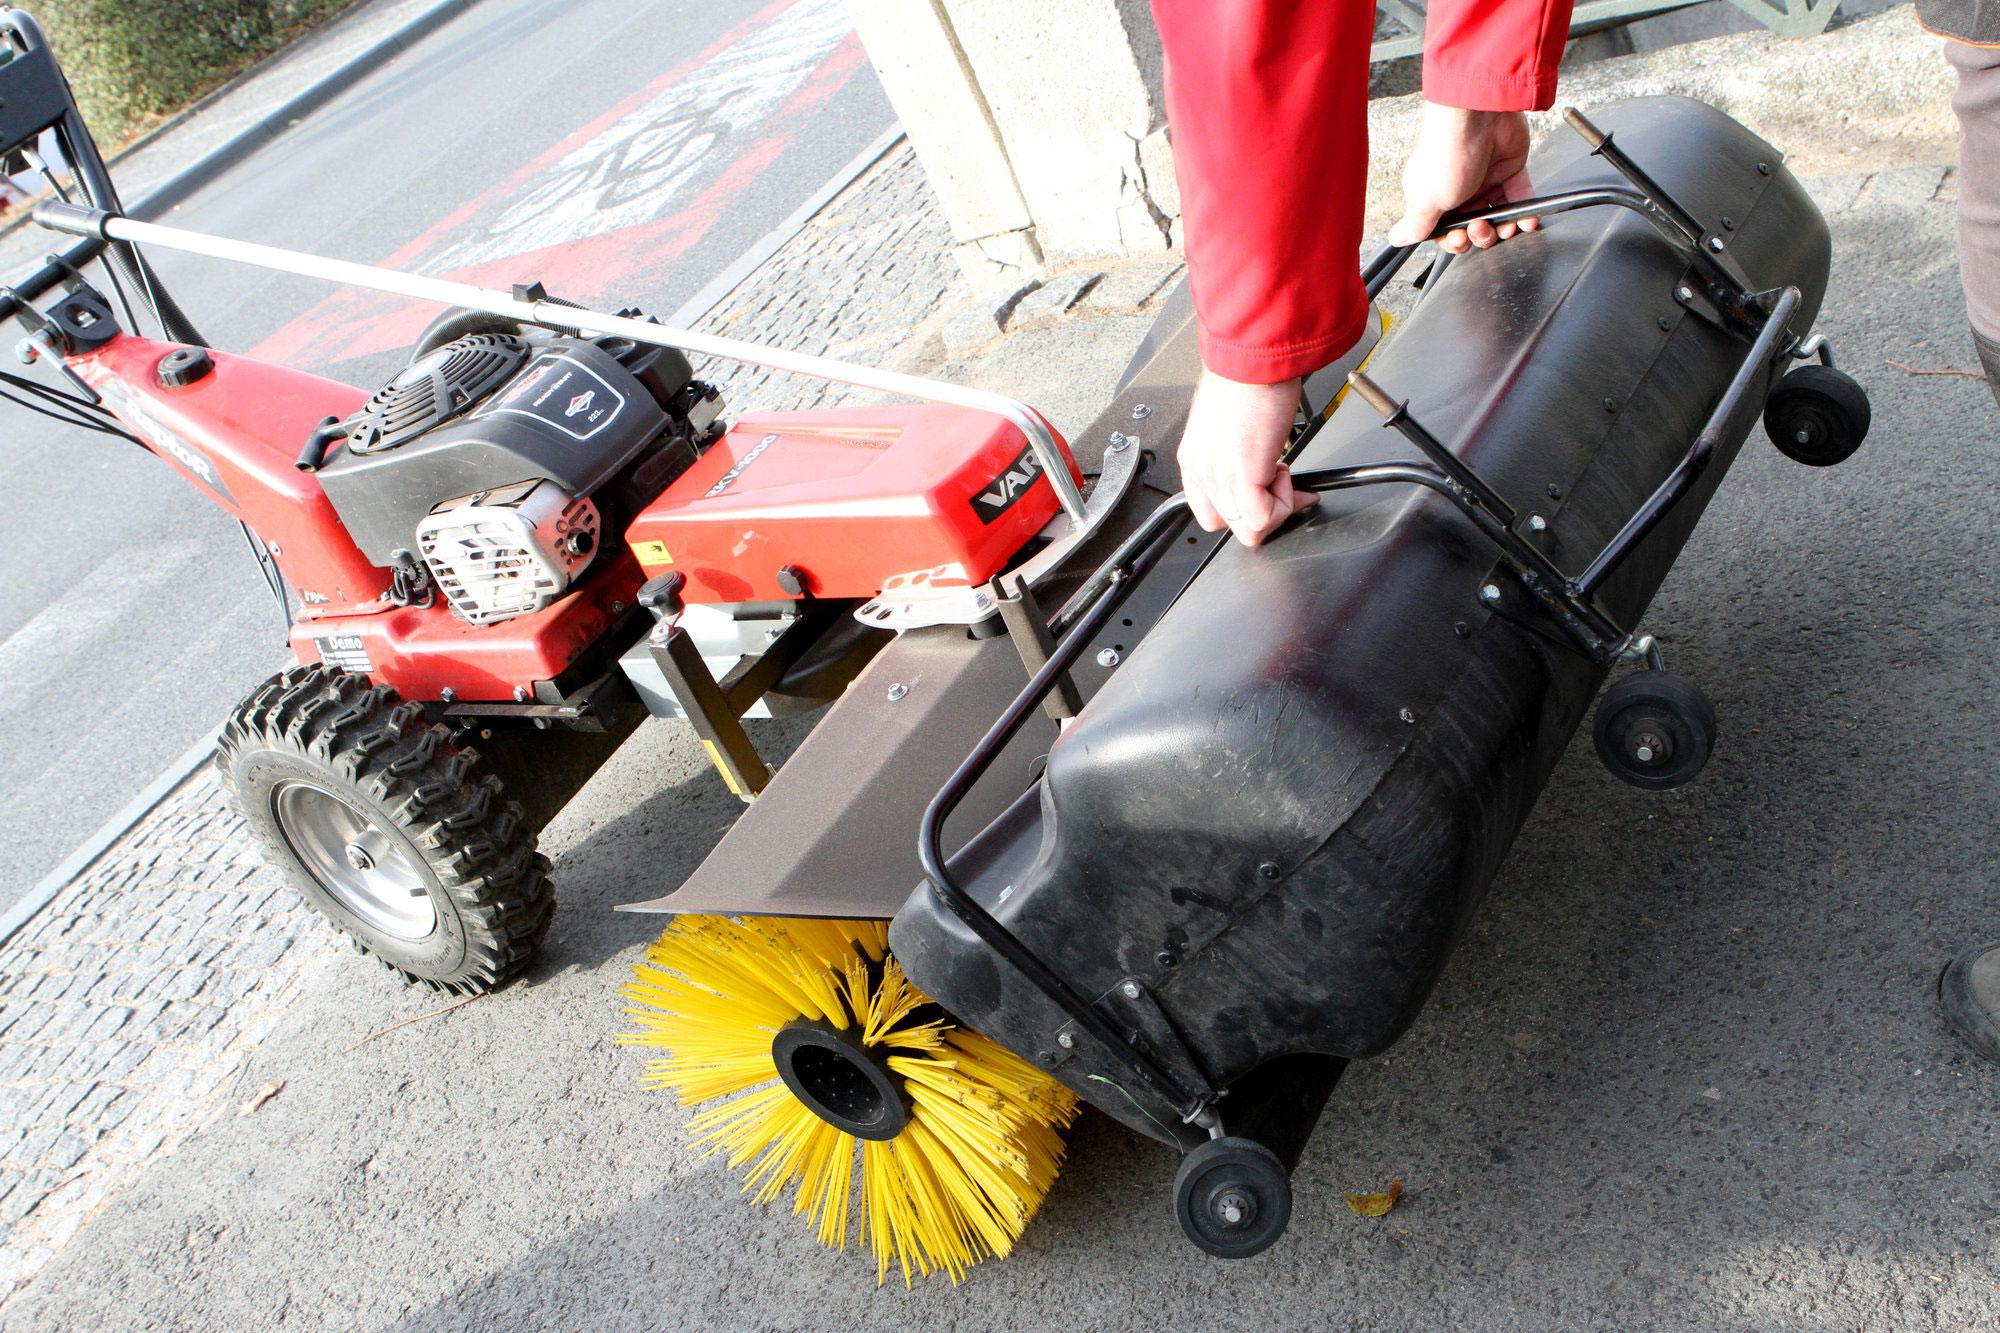 Anbau Kehrbürste RKV 1000 für Motoreinachser Raptor Breite 100cm Bild 7